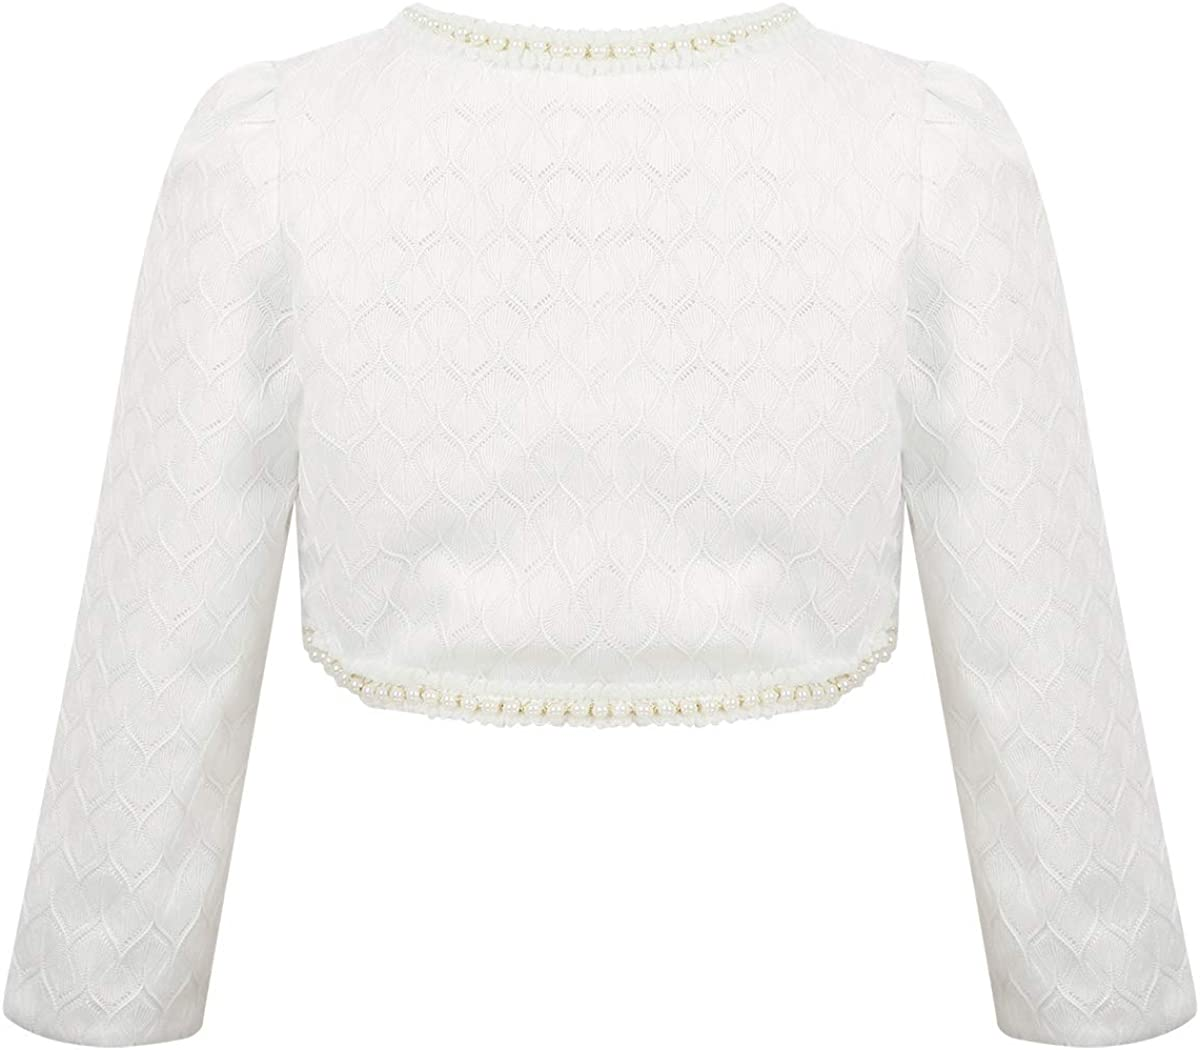 Freebily Cardigan Bambina Cerimonia Primavera Autunno Manica Lunga Bolero Bambina in Pizzo Bianco Perla Coprispalle Elegante Abito Principessa da Sposa